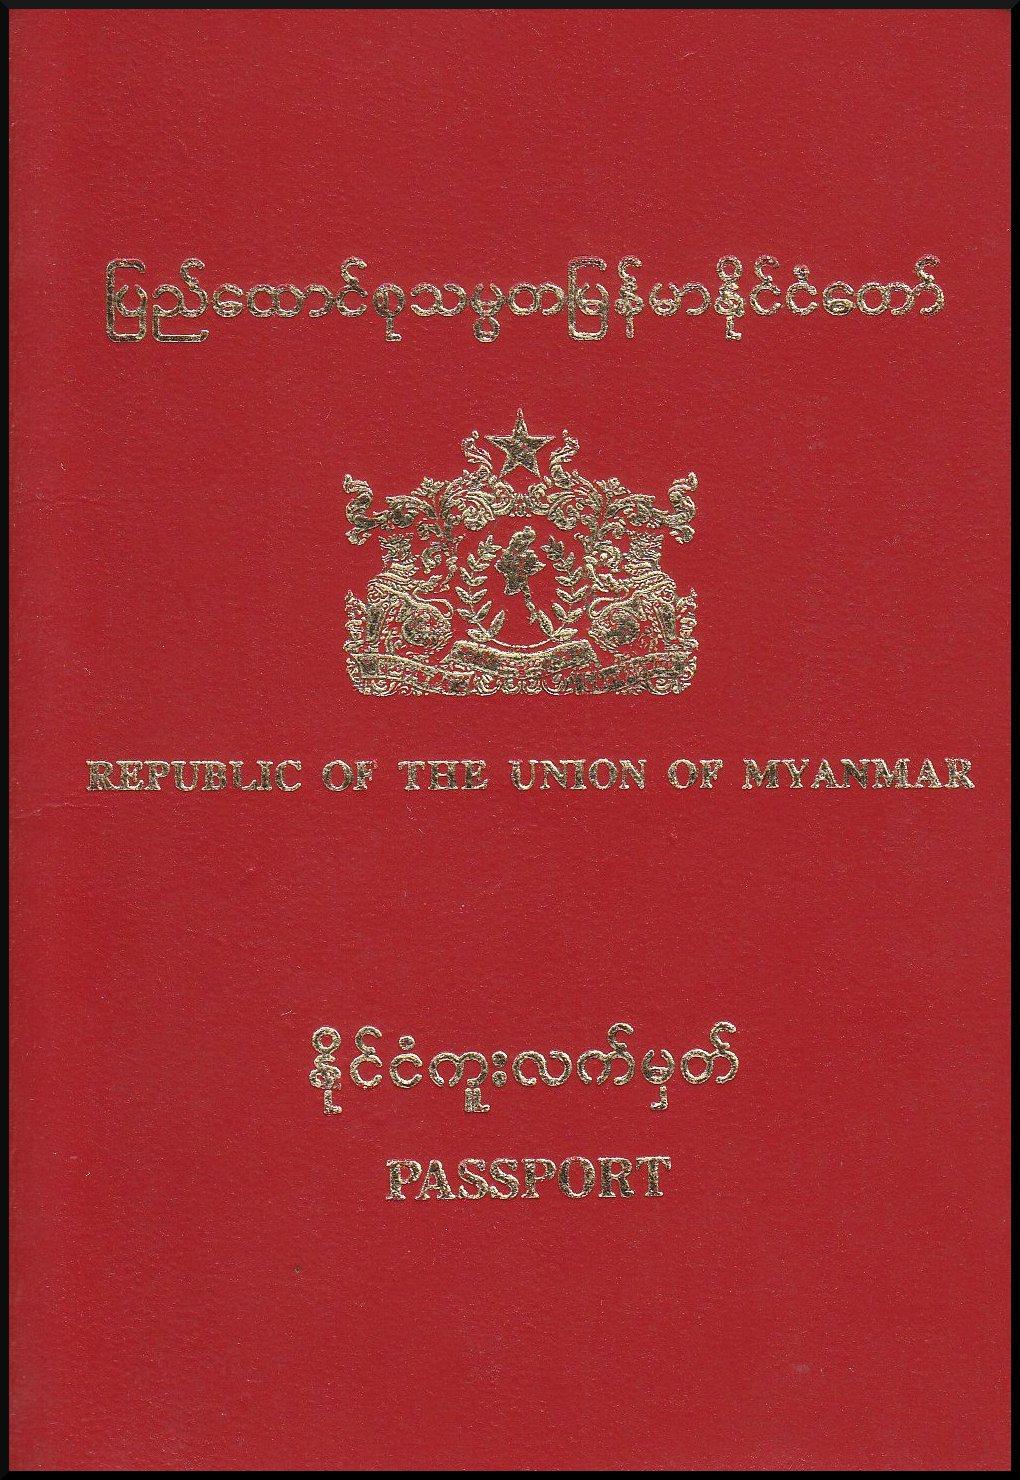 Паспорт Мьянмы